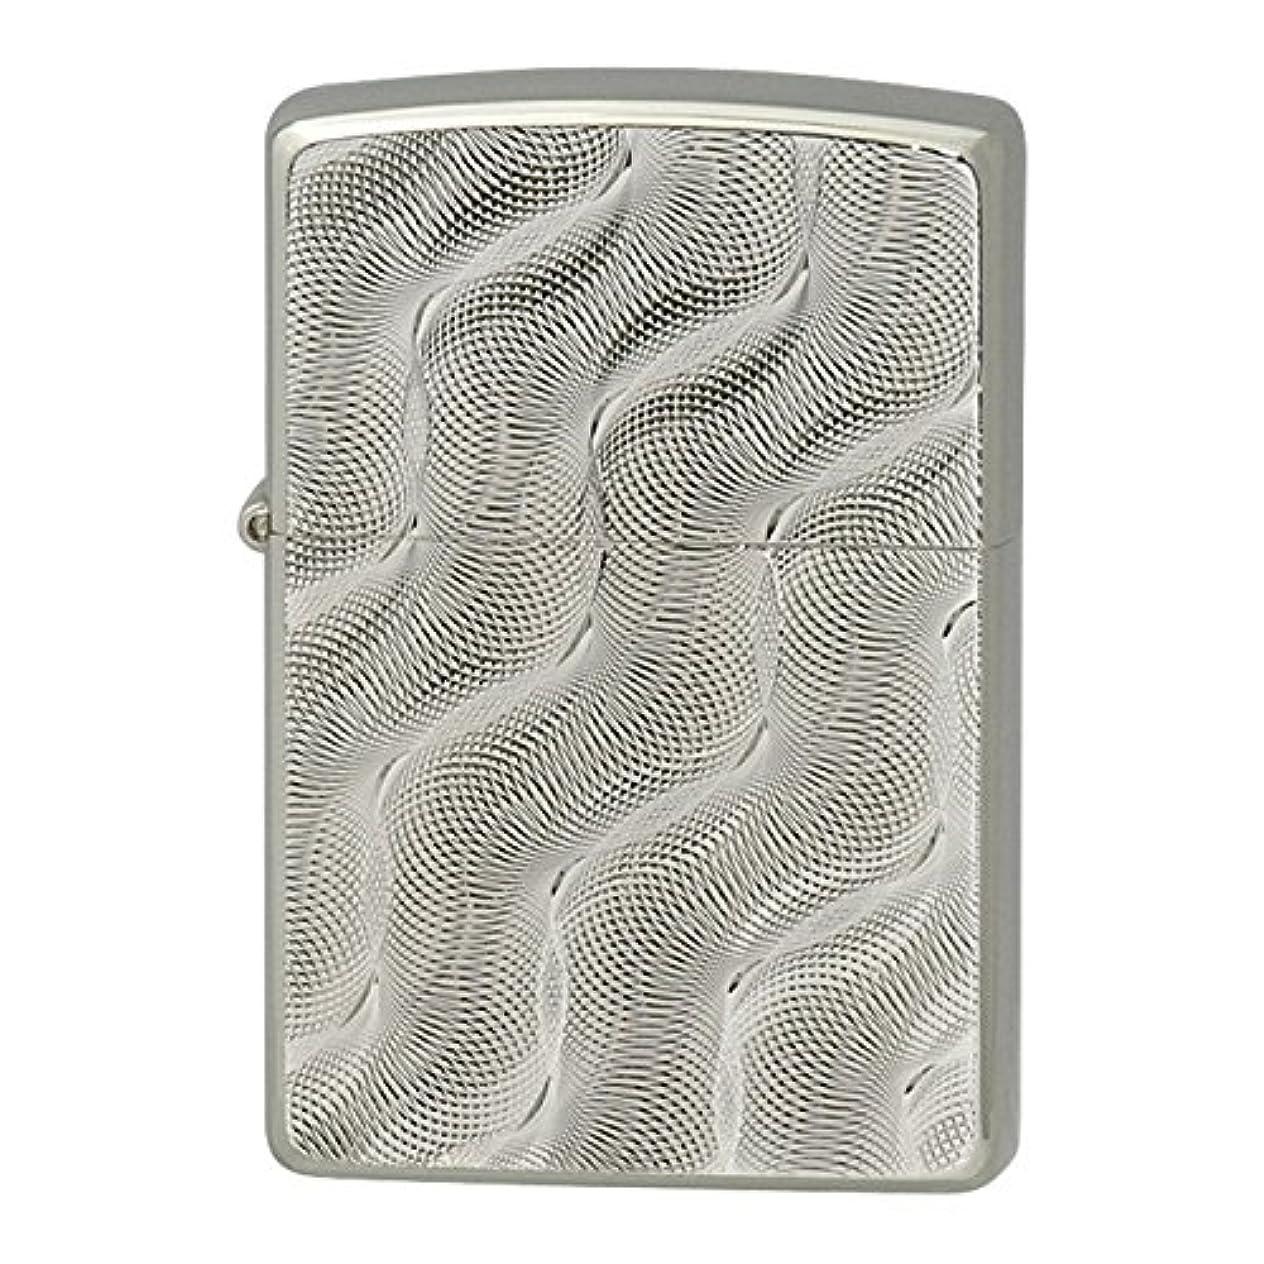 ダイヤモンド洪水誘惑Zippo ジッポー Zippoライター ジッポライター 200 オイルライター ダイヤモンドカット プラチナ I 2EP-2D/C I